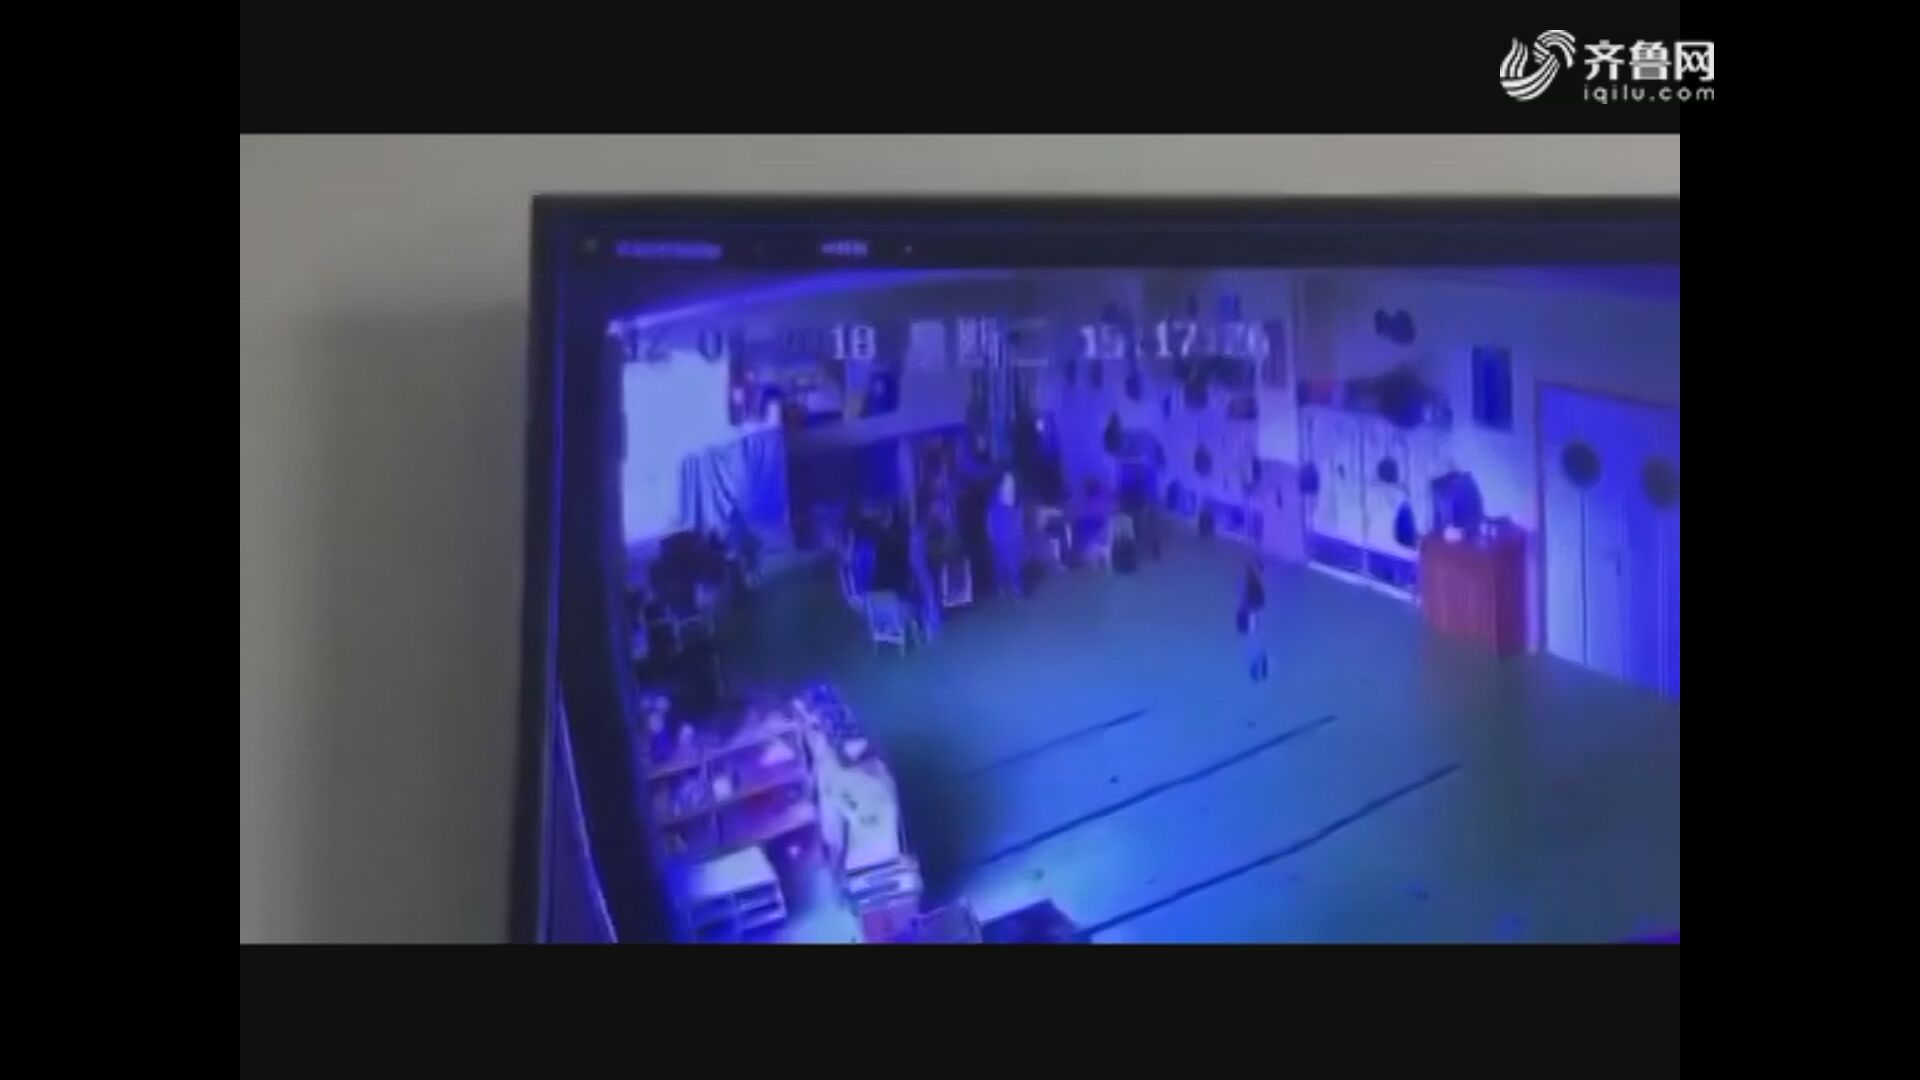 滨州一幼儿园幼师推打孩子被行拘